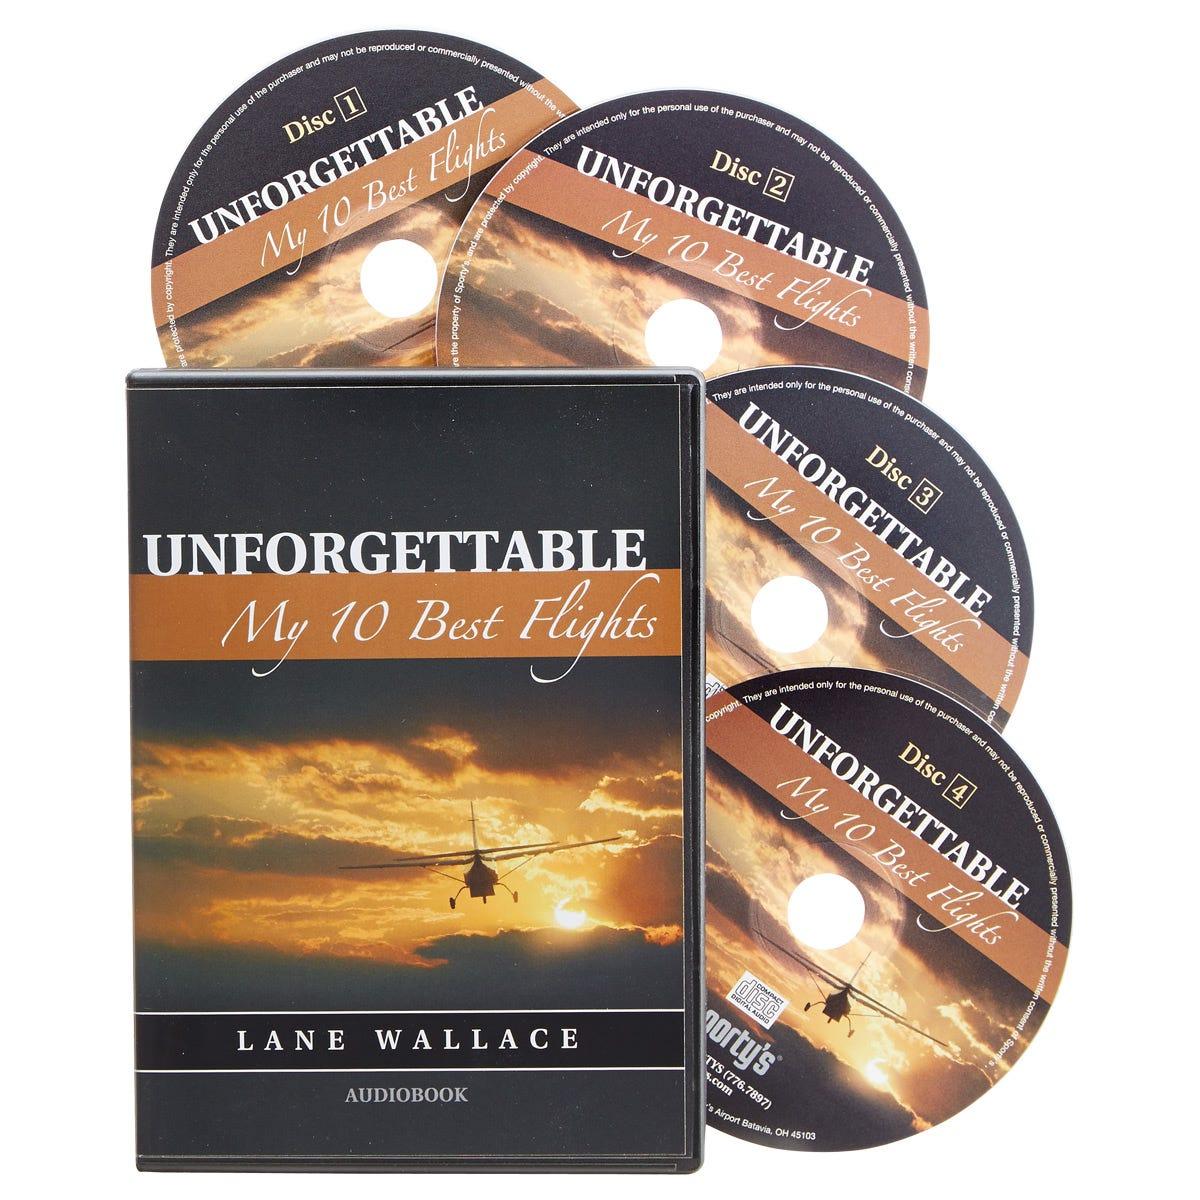 Unforgettable audio book